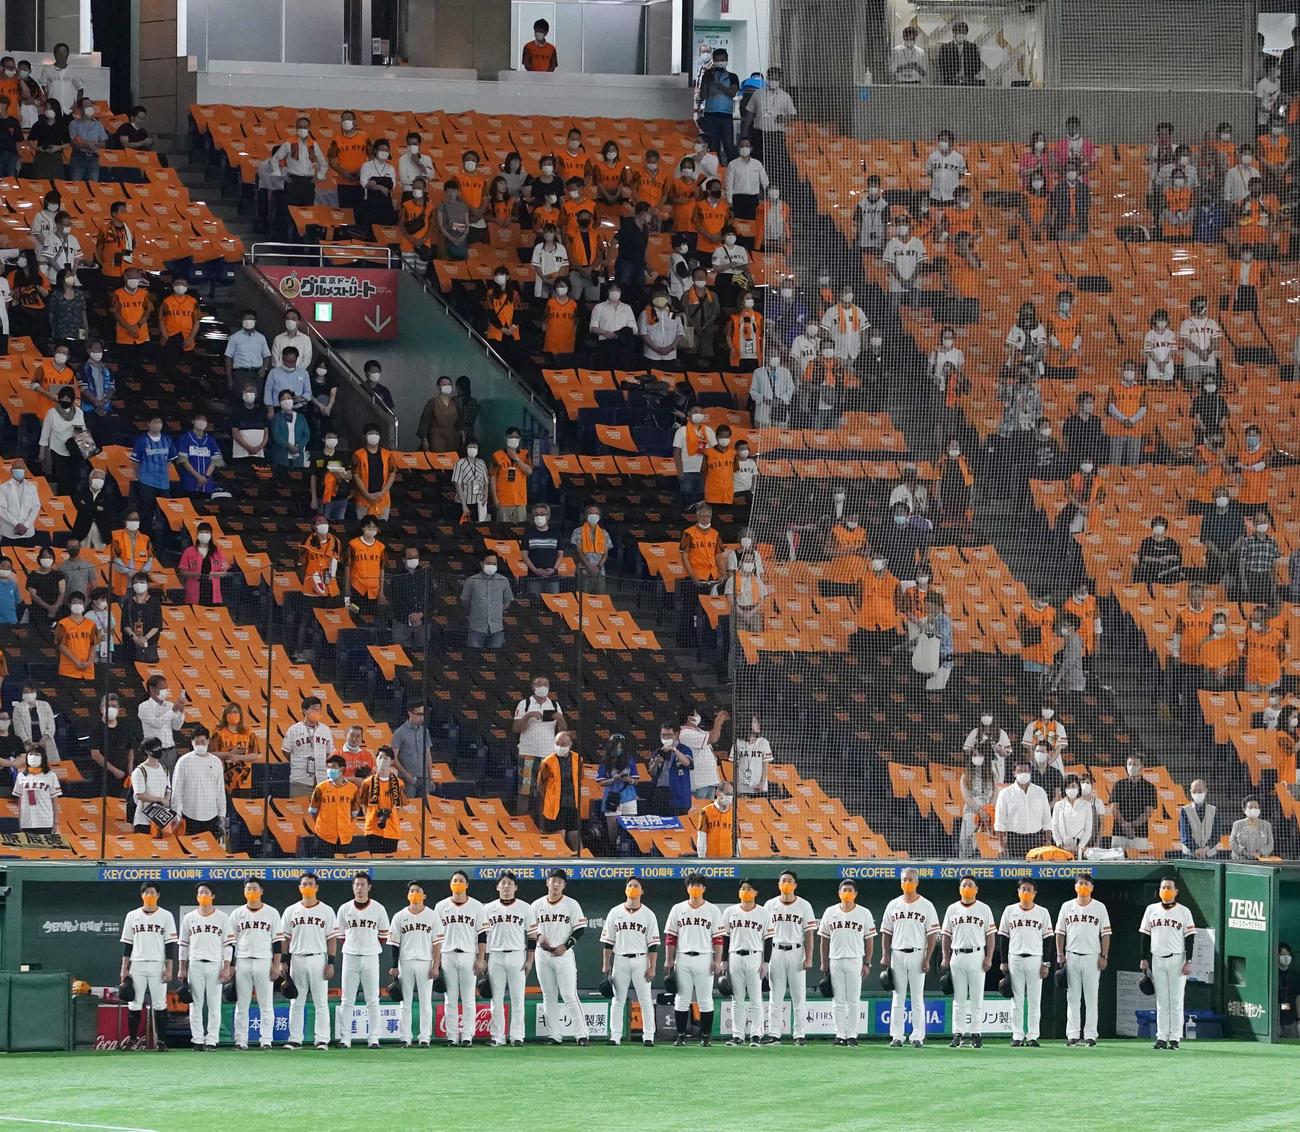 巨人対DeNA 試合前、君が代斉唱でベンチ前に整列する巨人ナイン(撮影・江口和貴)